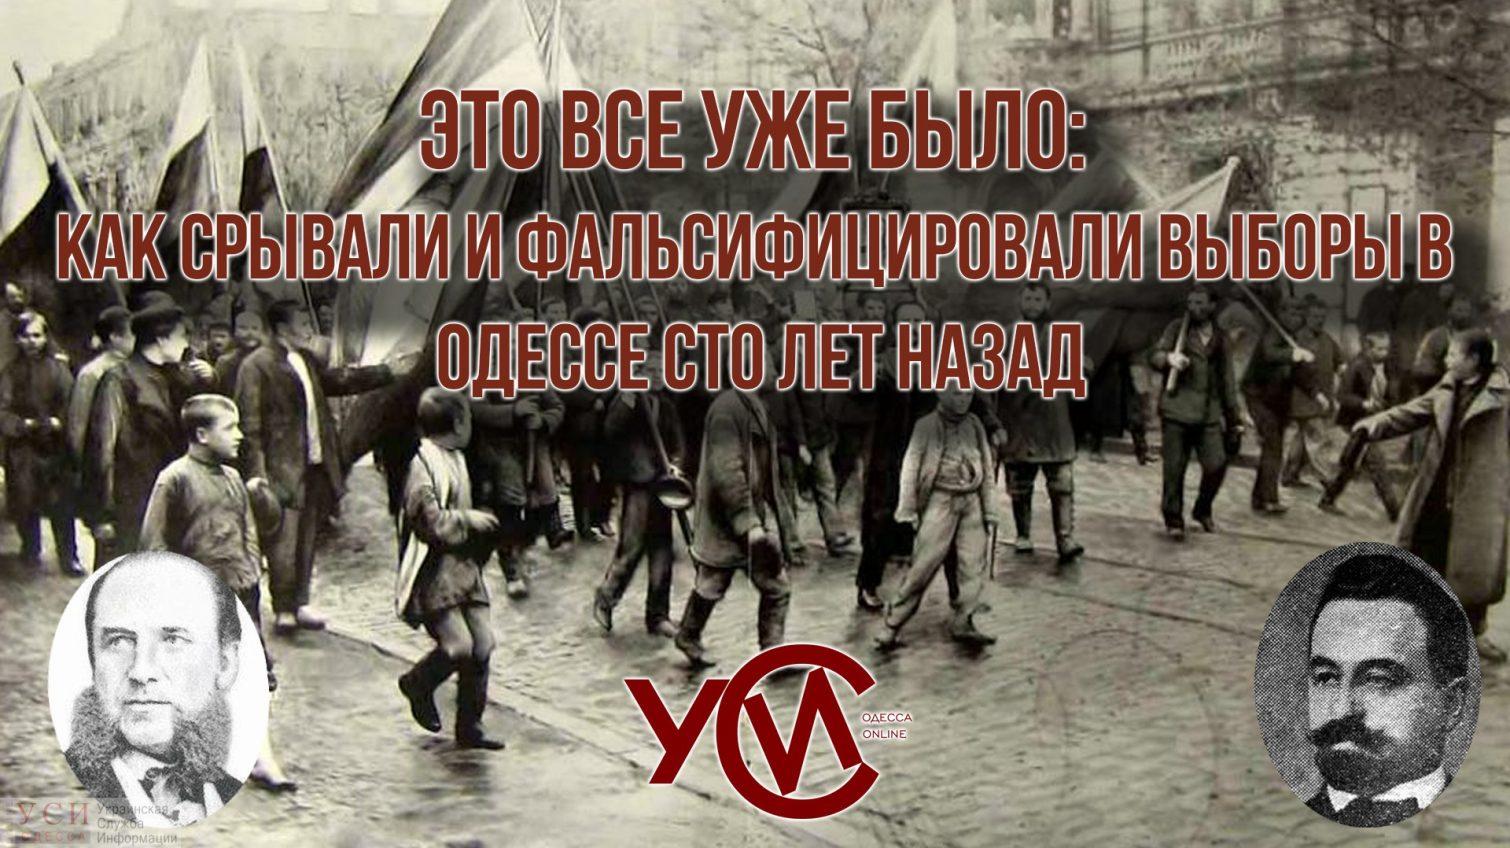 Это все уже было: как срывали и фальсифицировали выборы в Одессе сто лет назад (фото) «фото»